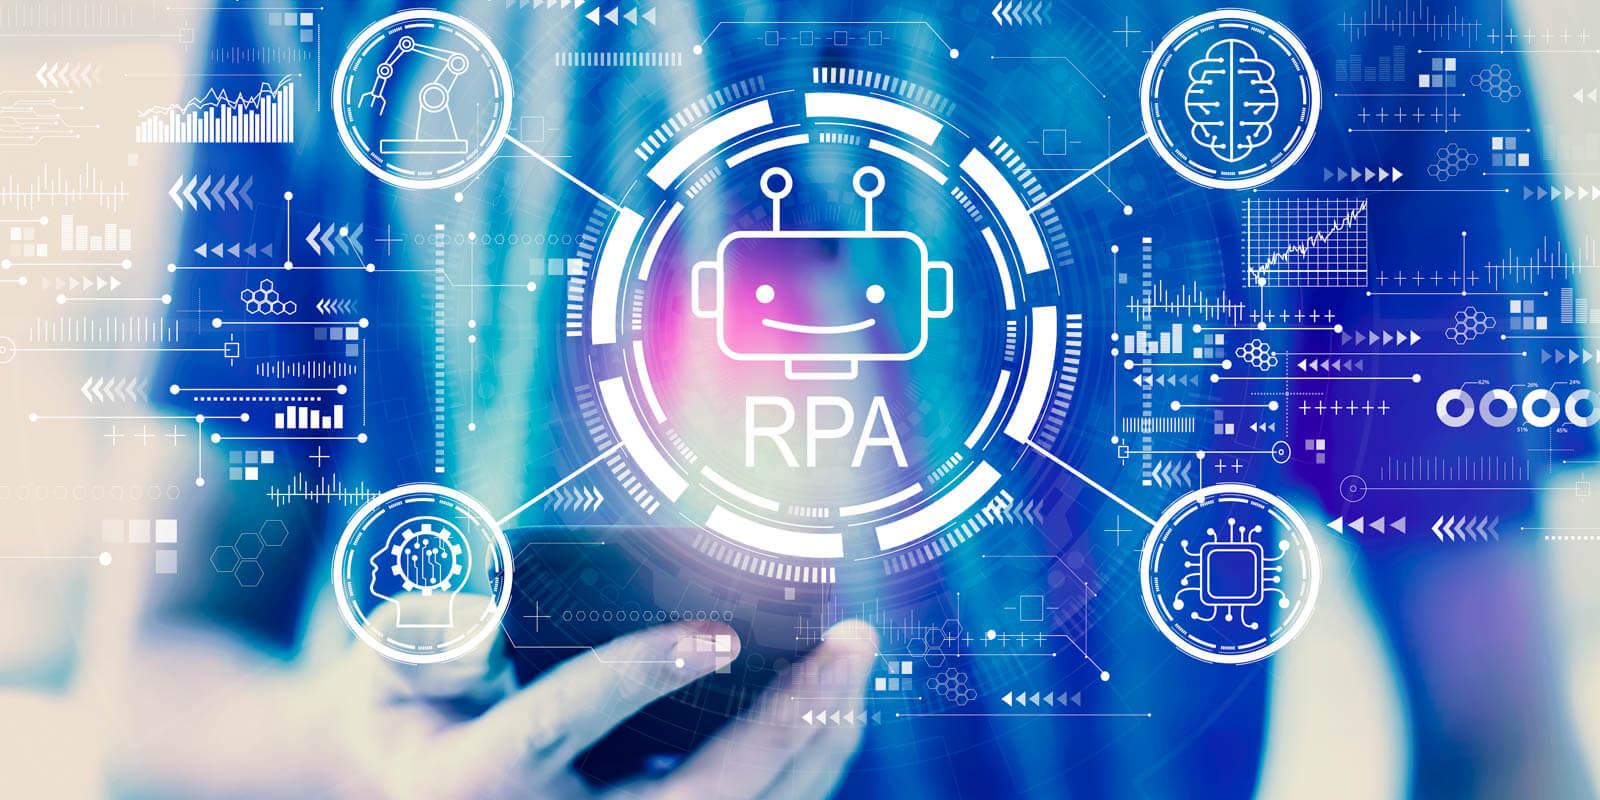 Bild das schemenhaft RPA also Robotic Process Automation zeigt